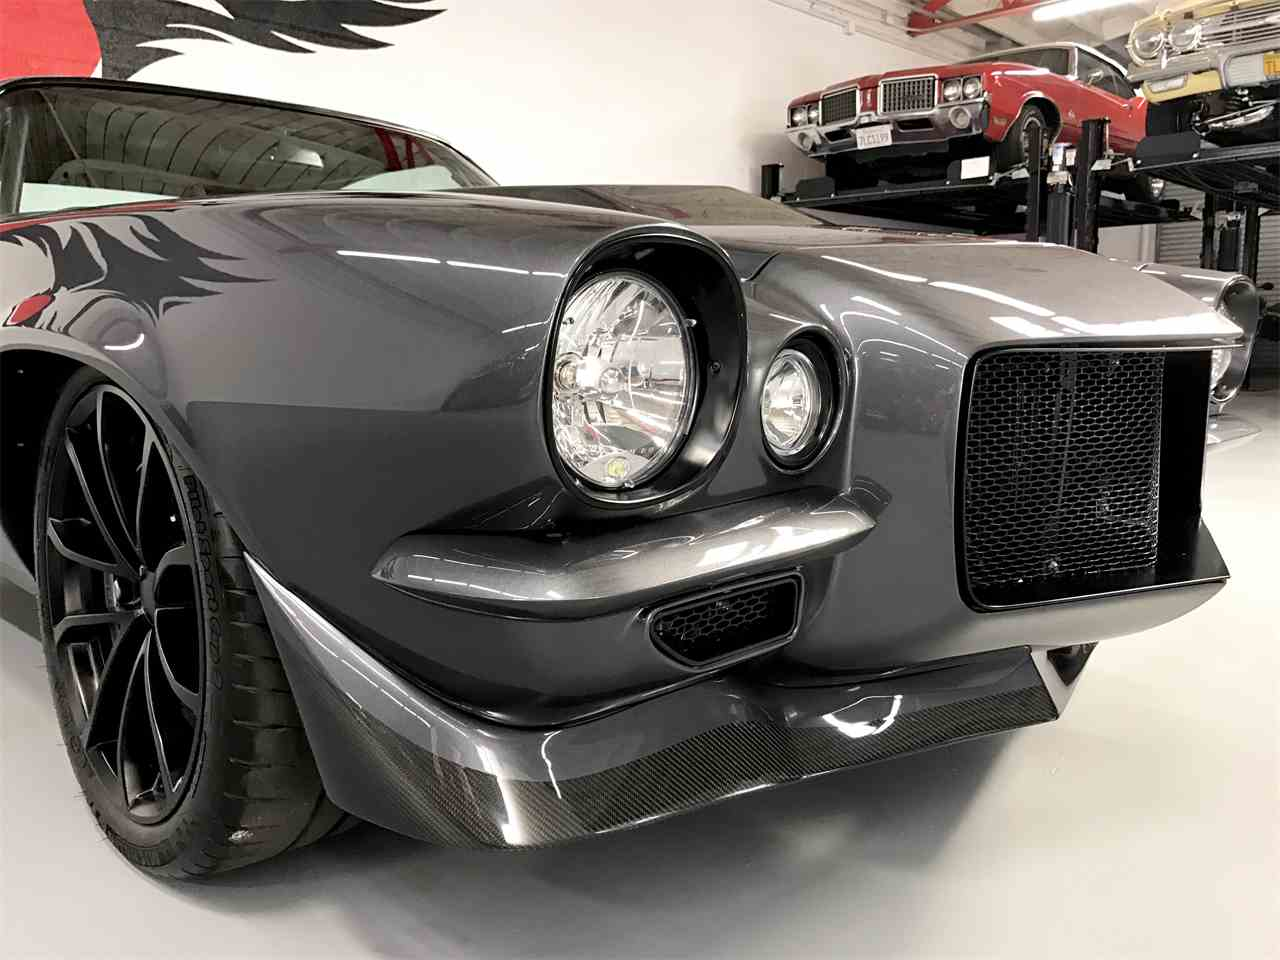 1971 Chevrolet Camaro For Sale Classiccars Com Cc 1059206